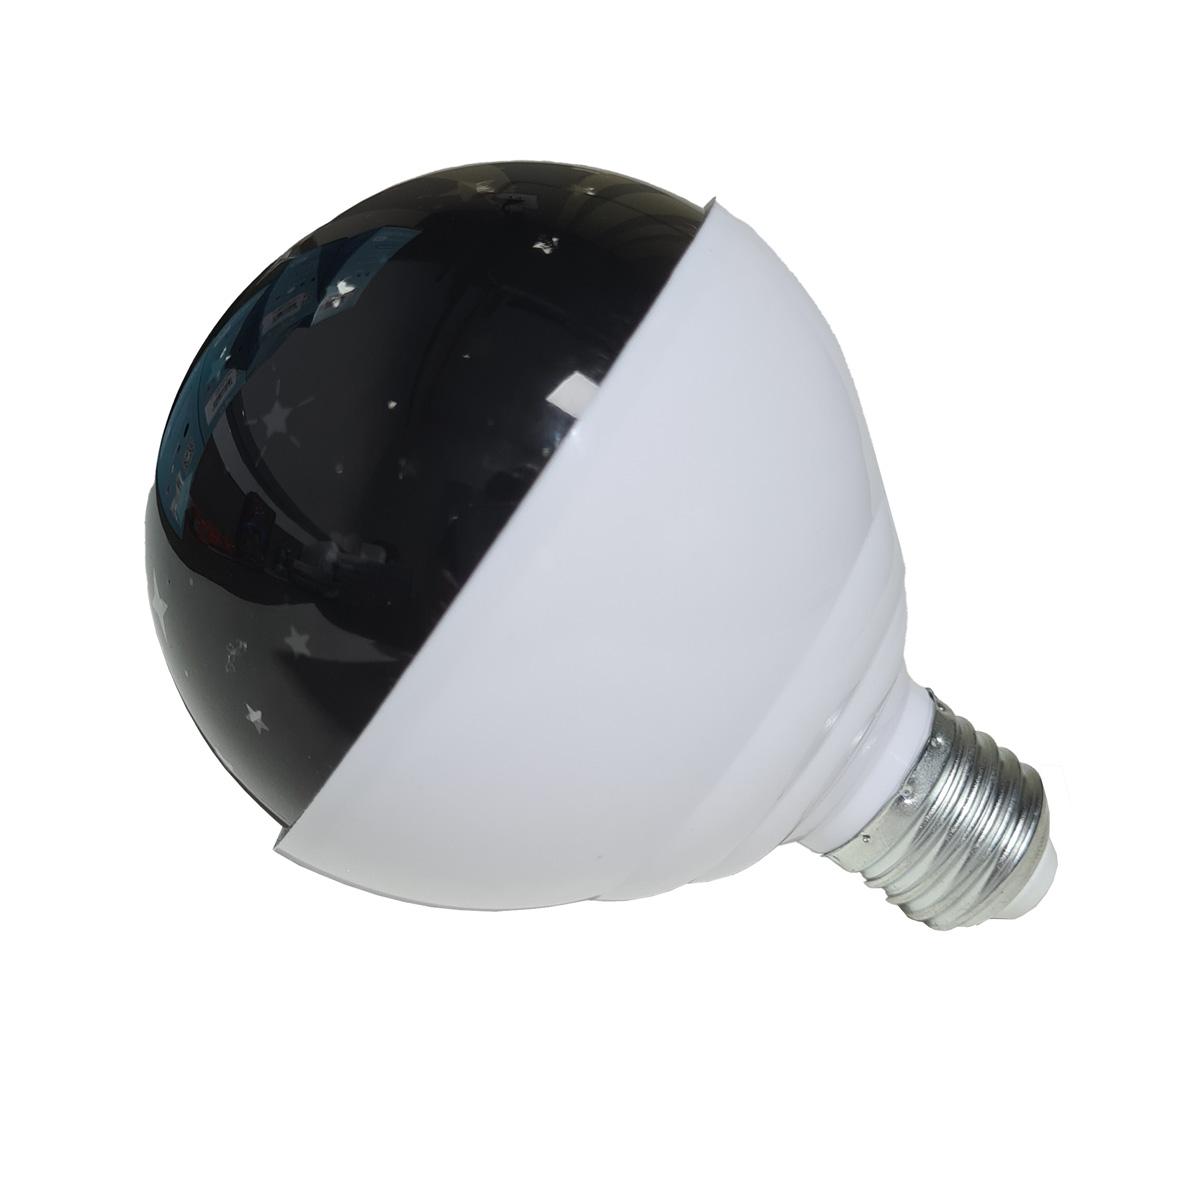 Lâmpada LED Globo Mágico Giratório Inteligente CRS-2275